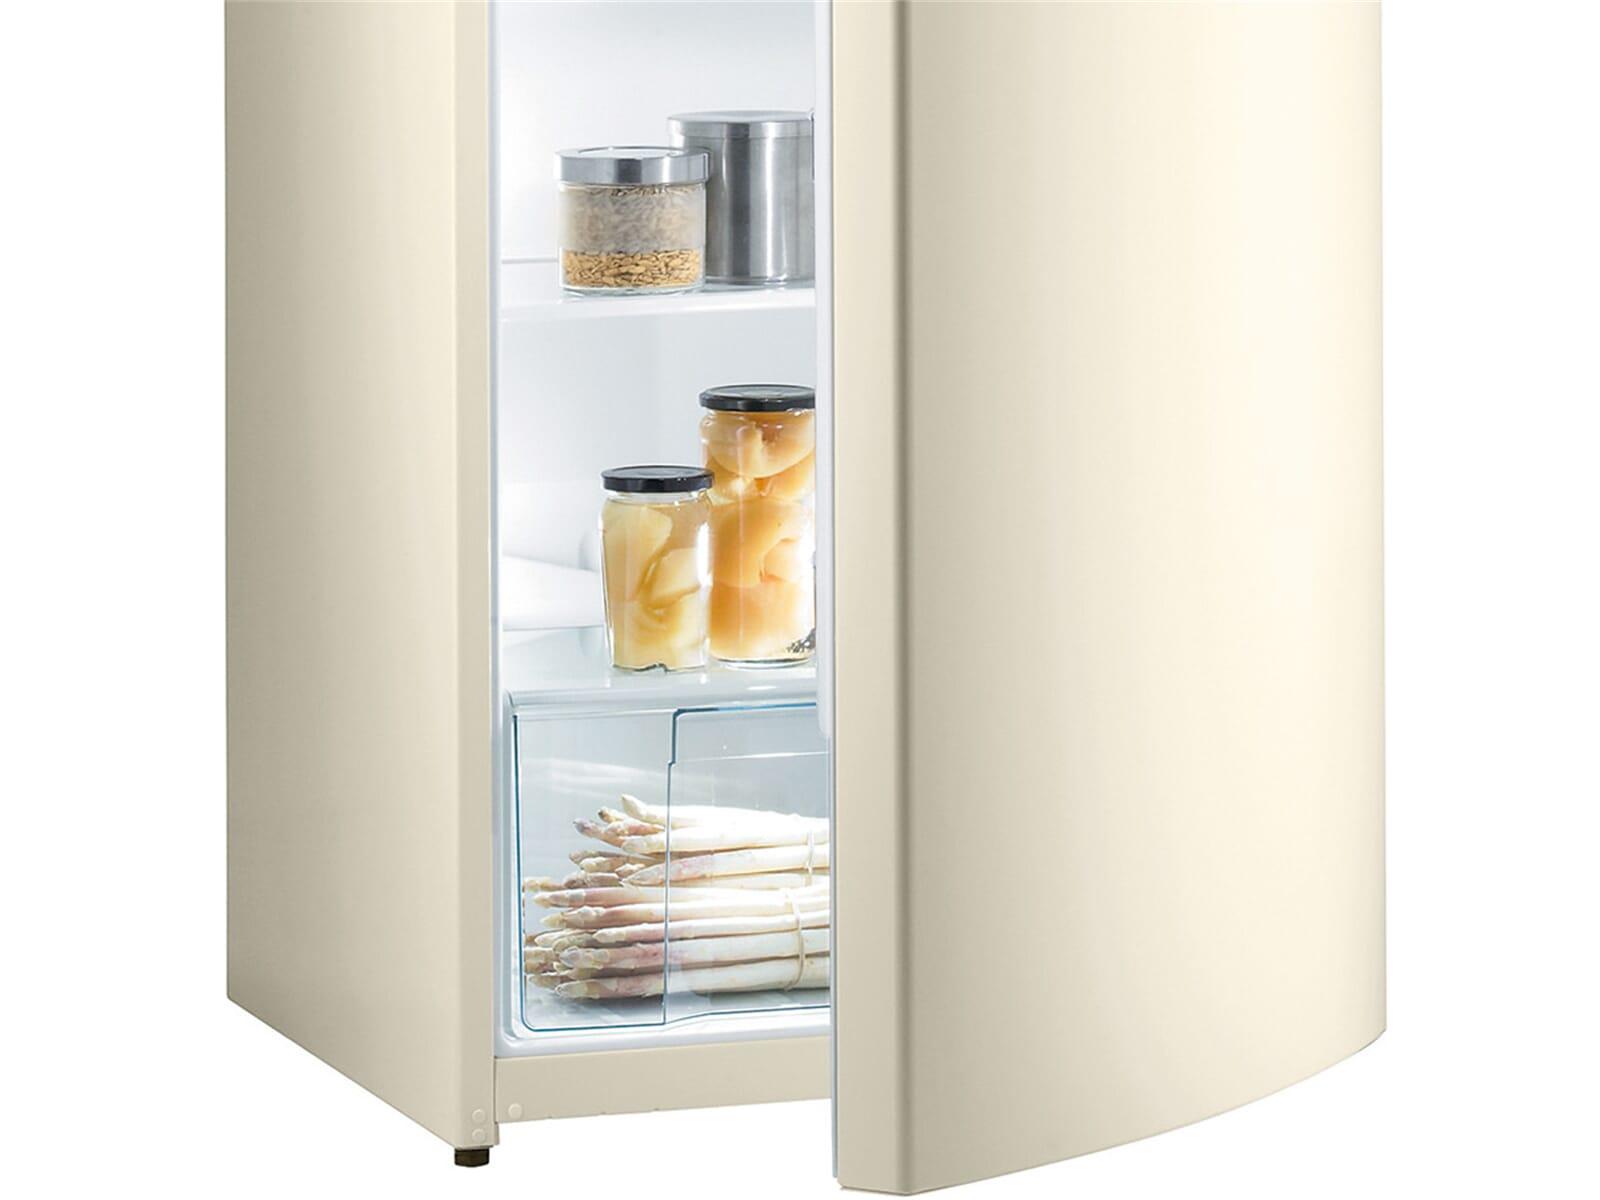 Gorenje Kühlschrank Beige : Gorenje r bc standkühlschrank creme